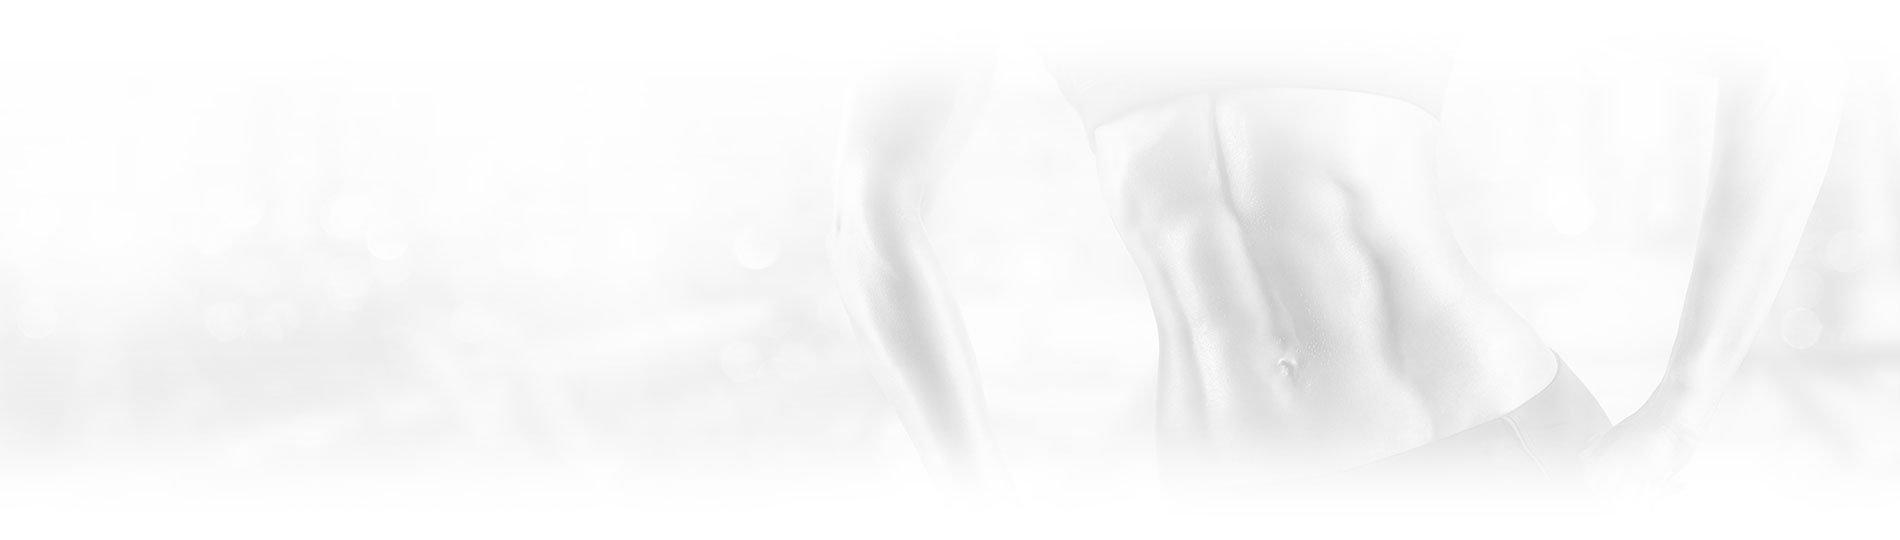 White-Overlay-Master-540.jpg